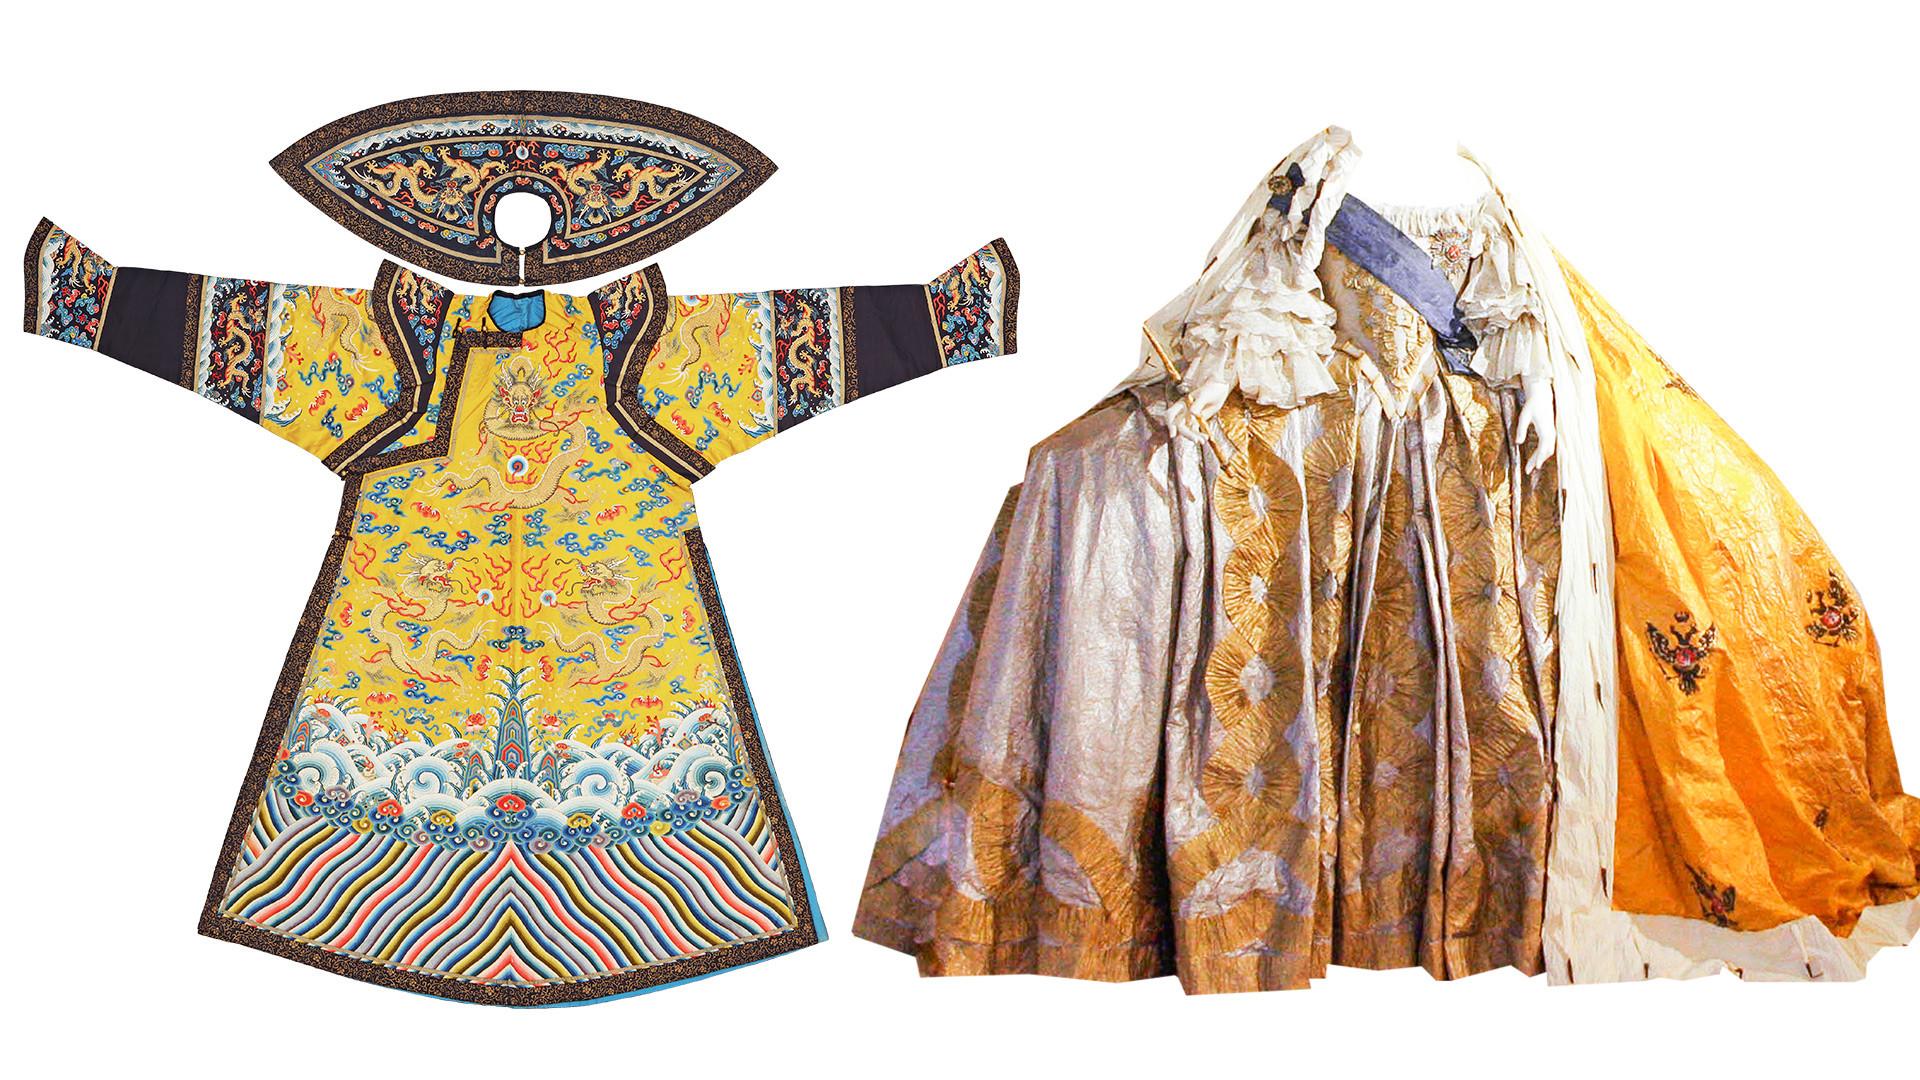 Лево: Свечана одећа царице. Династија Ћинг, владавинаЋианлонга (1736.–1796.) Десно: Хаљина са крунисања (највјеројатније Јелисавете Петровне)